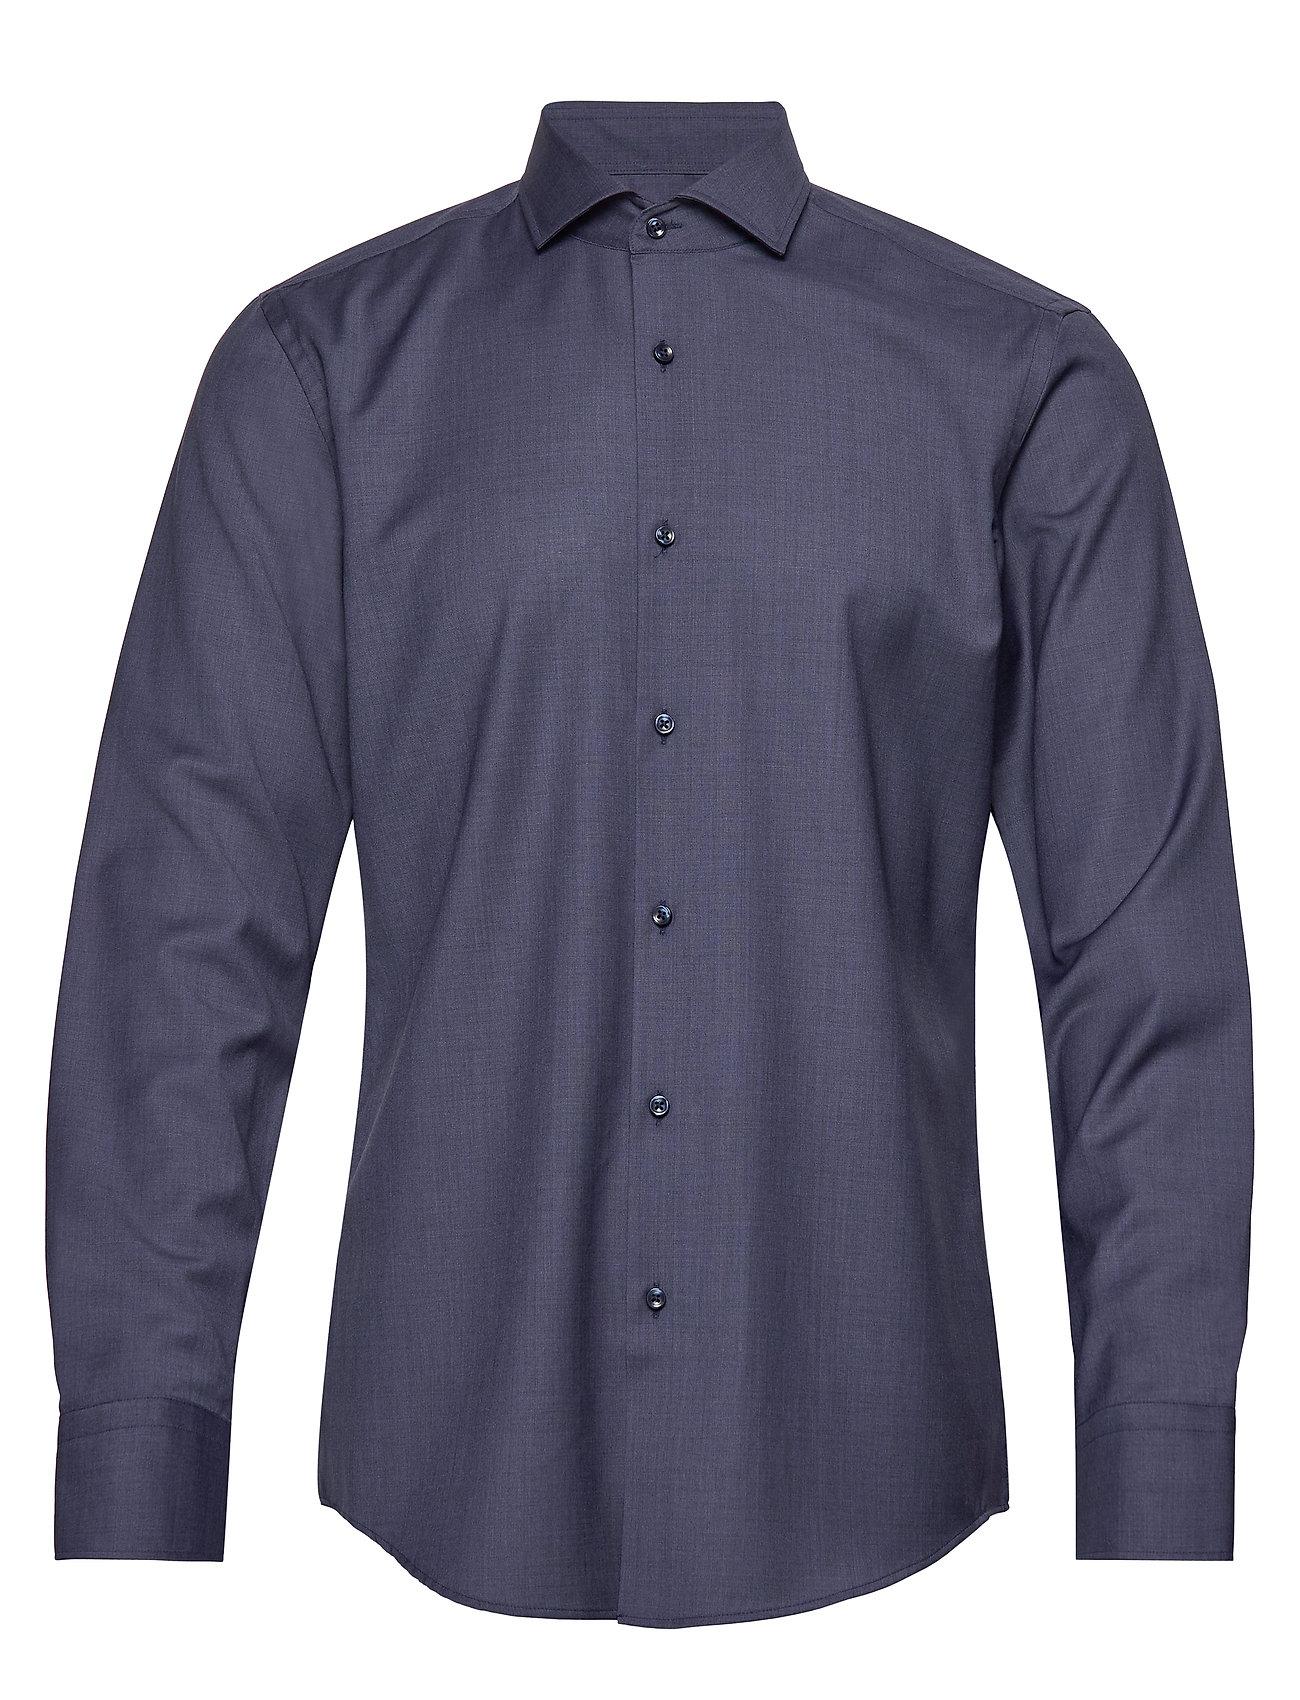 BOSS Business Wear Jason - DARK BLUE